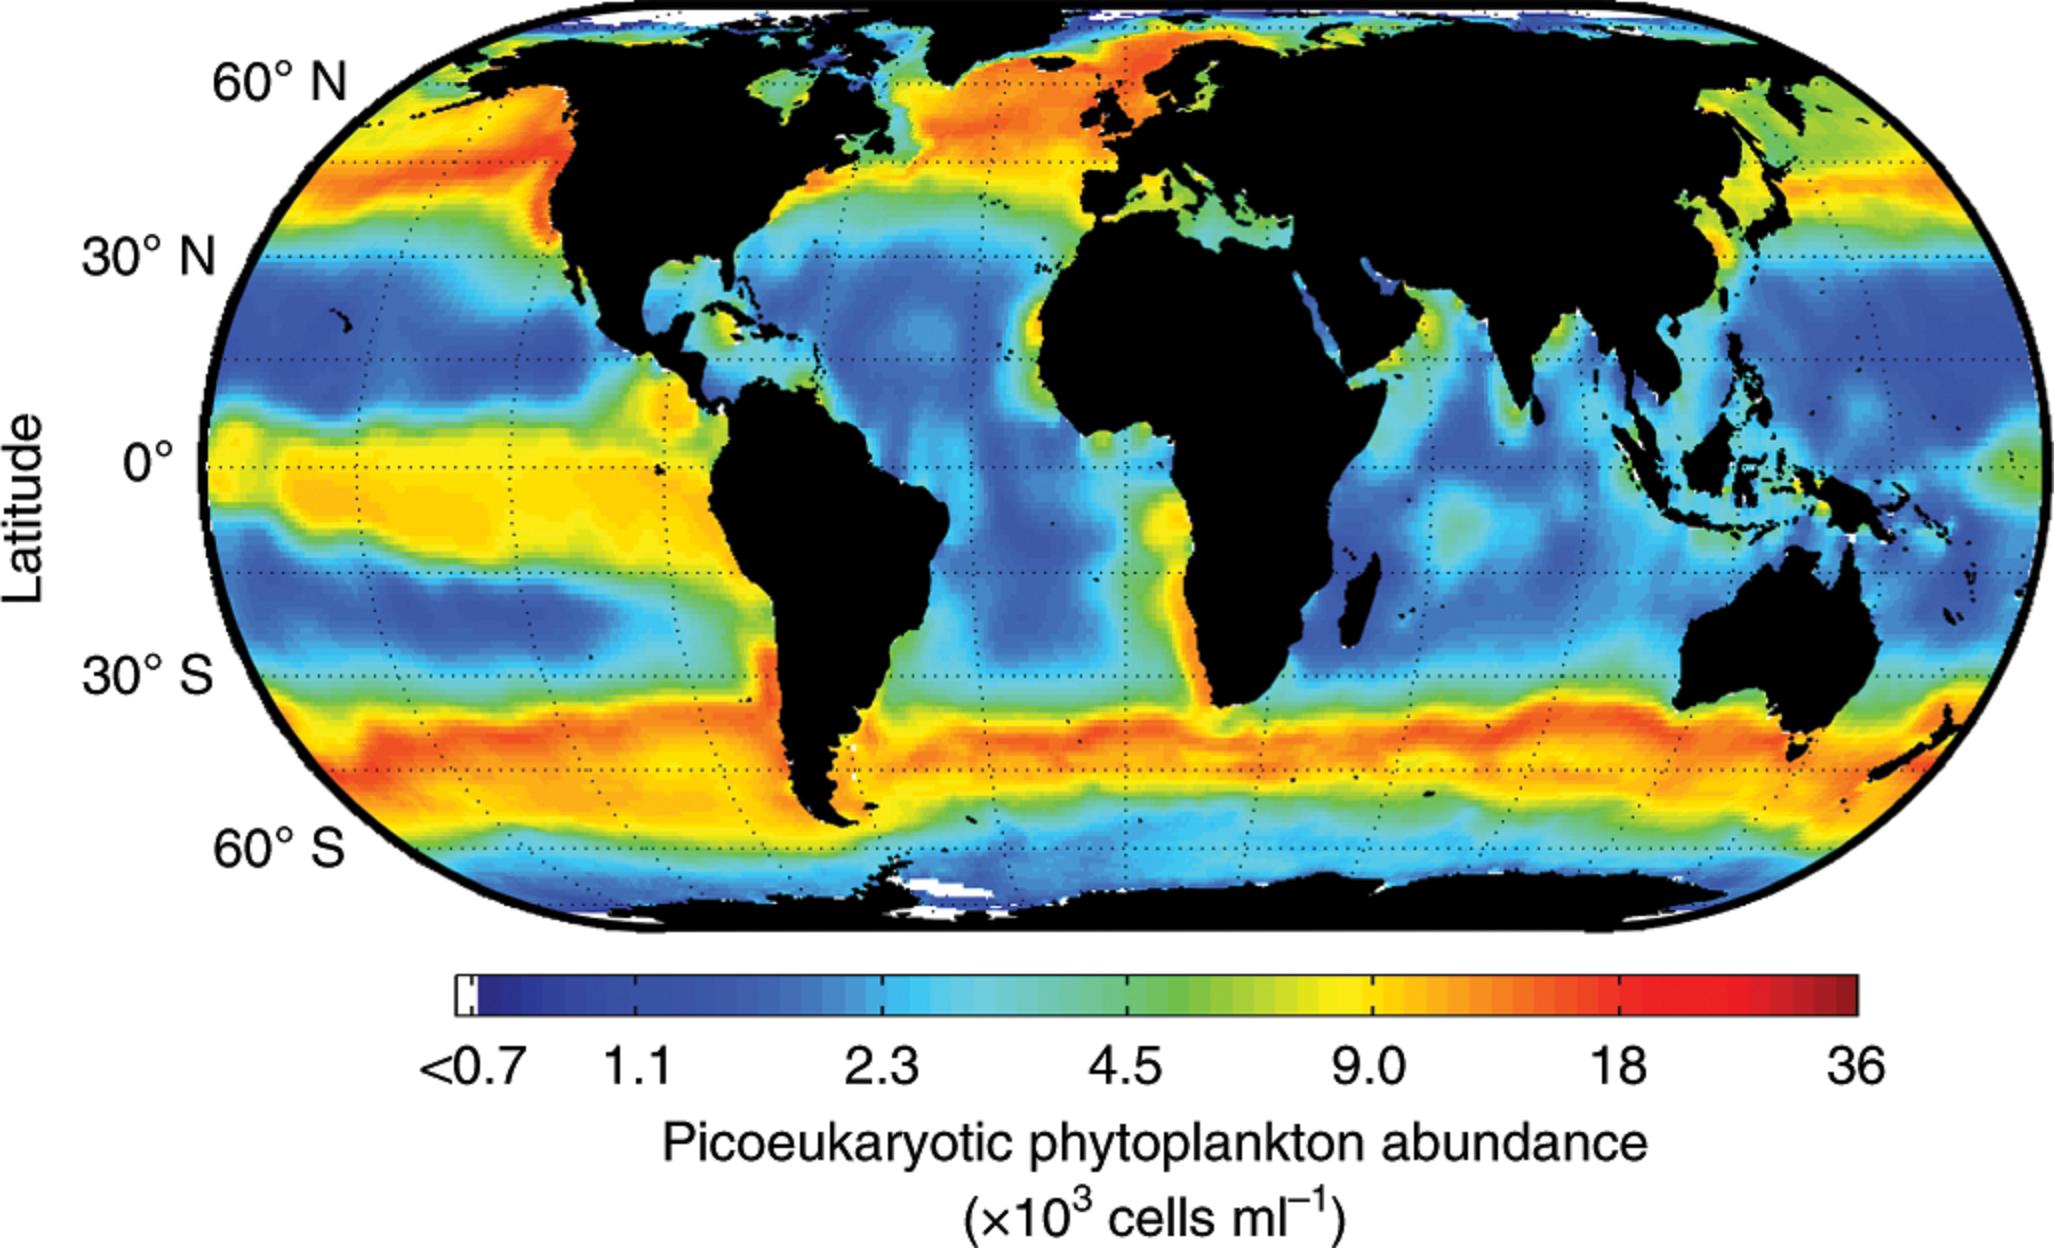 Equipo internacional y del Conicet estudian y mapean fitoplancton marino responsable del 10% del oxígeno terrrestre